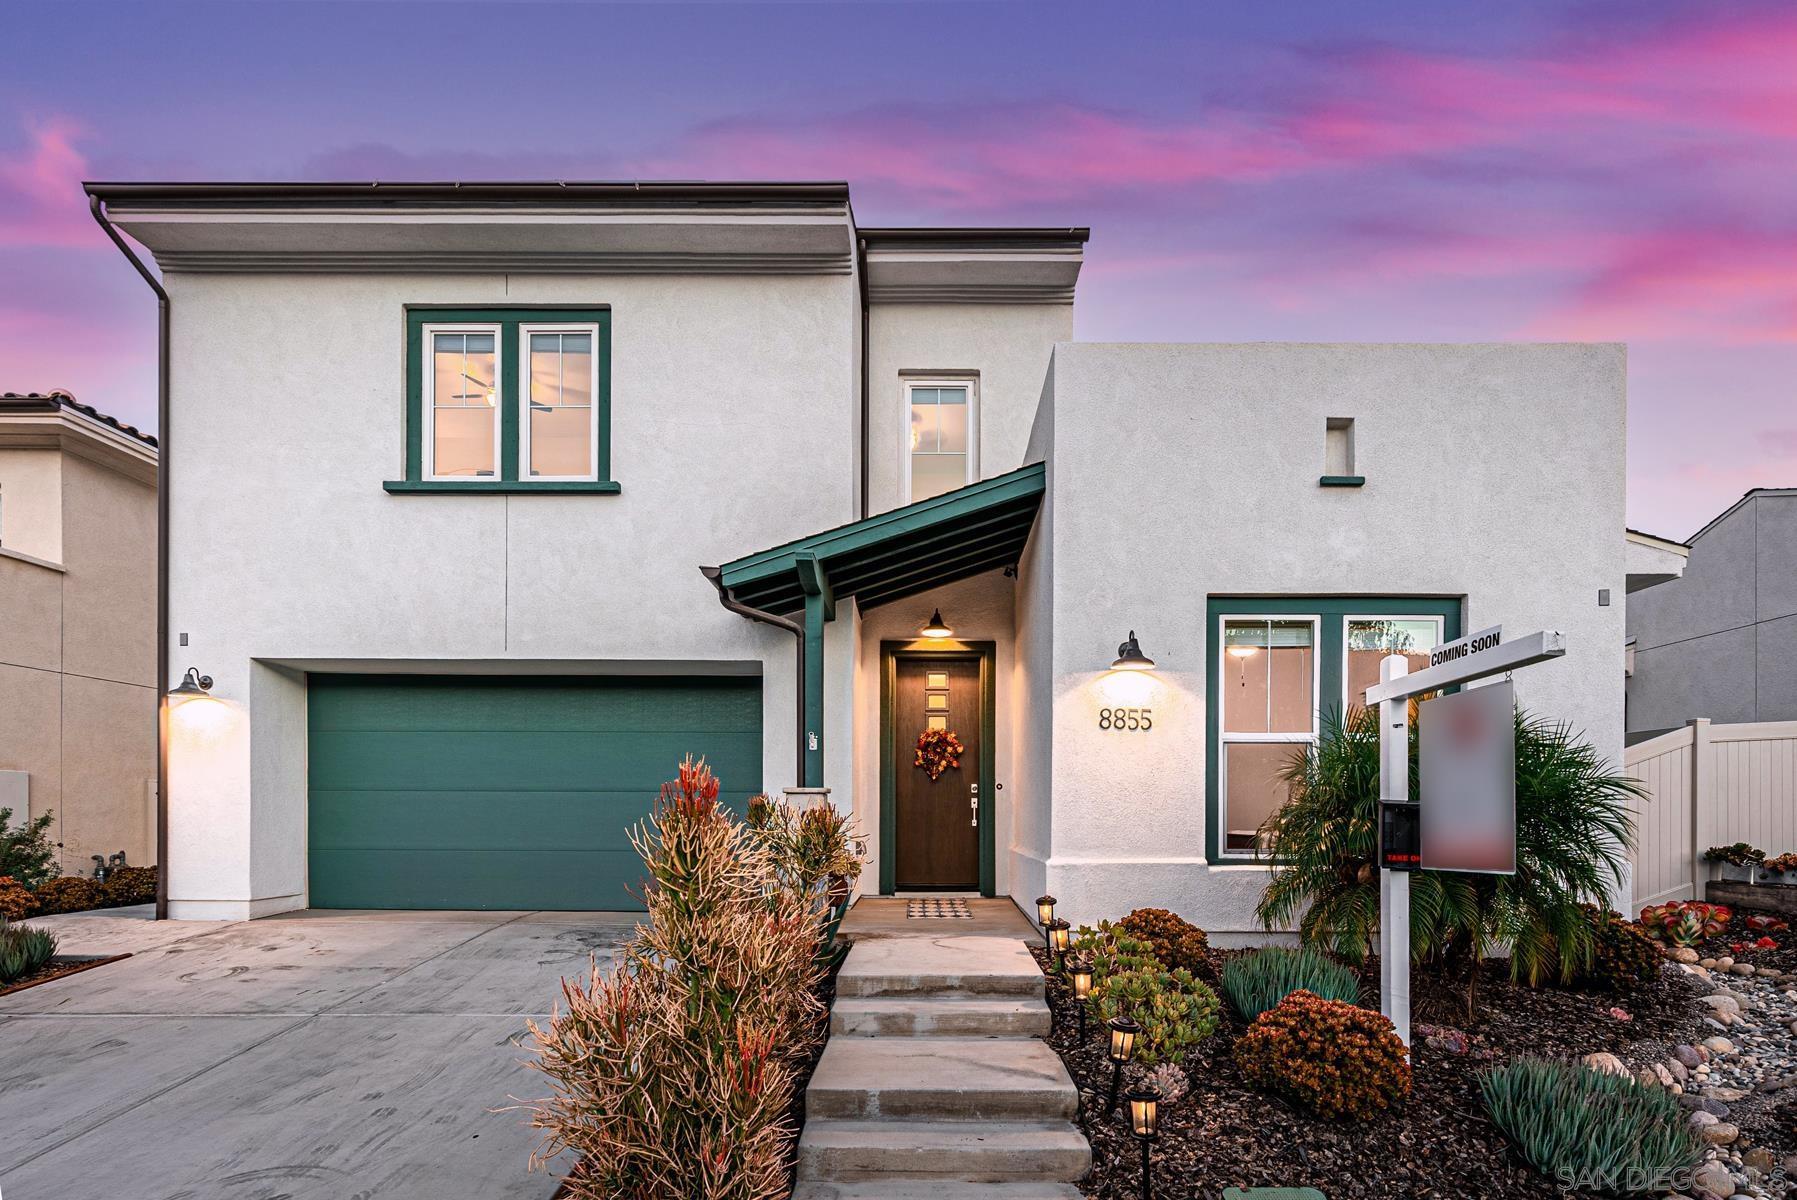 8855 Weston Road, Santee, CA 92071